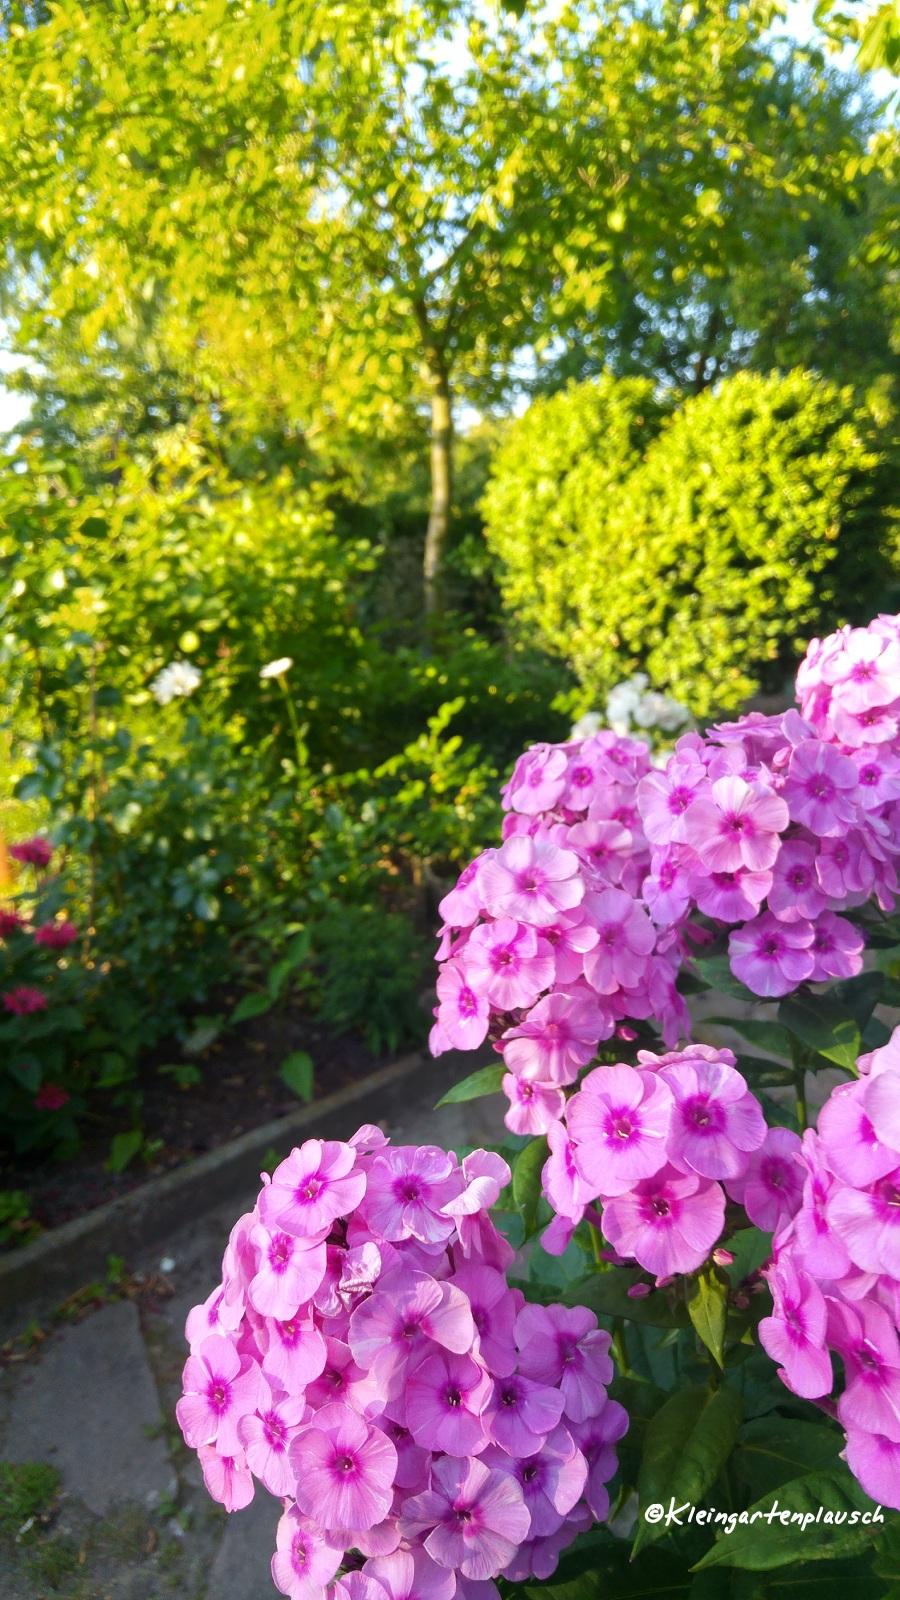 """Den Anfang macht """"Fondant Fancy"""", der seit nunmehr fast 3 Jahren gemeinsam mit Familie Tulpe unseren großen Topf am Garteneingang bewohnt. Das Topfleben scheint ihm sehr gut zu gefallen. Es ist eine einzige Blütenwoge."""